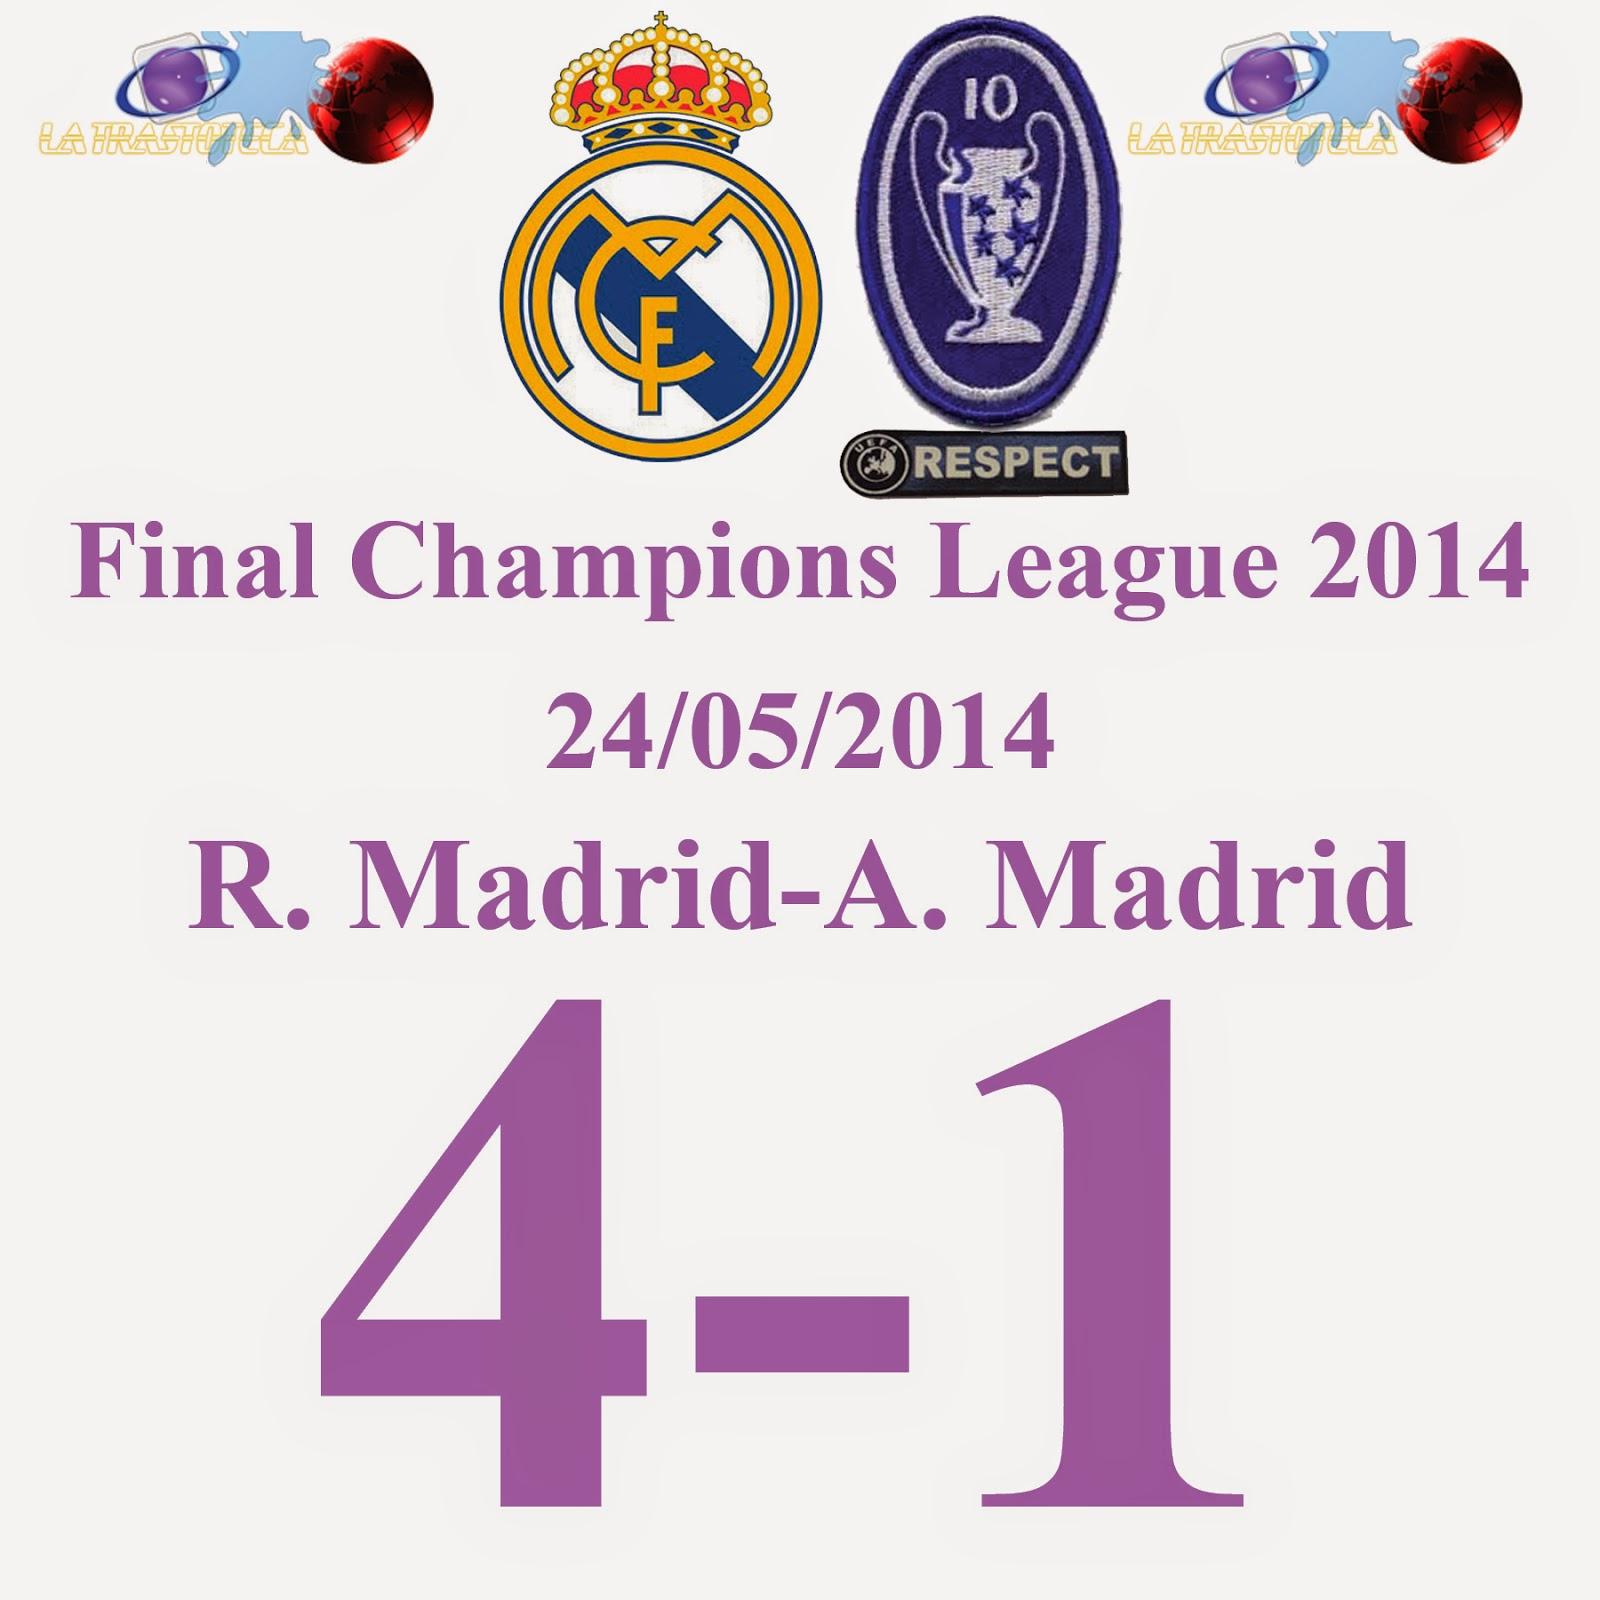 Los mejor del Real Madrid en la Temporada 2013-2014 - Primer puesto